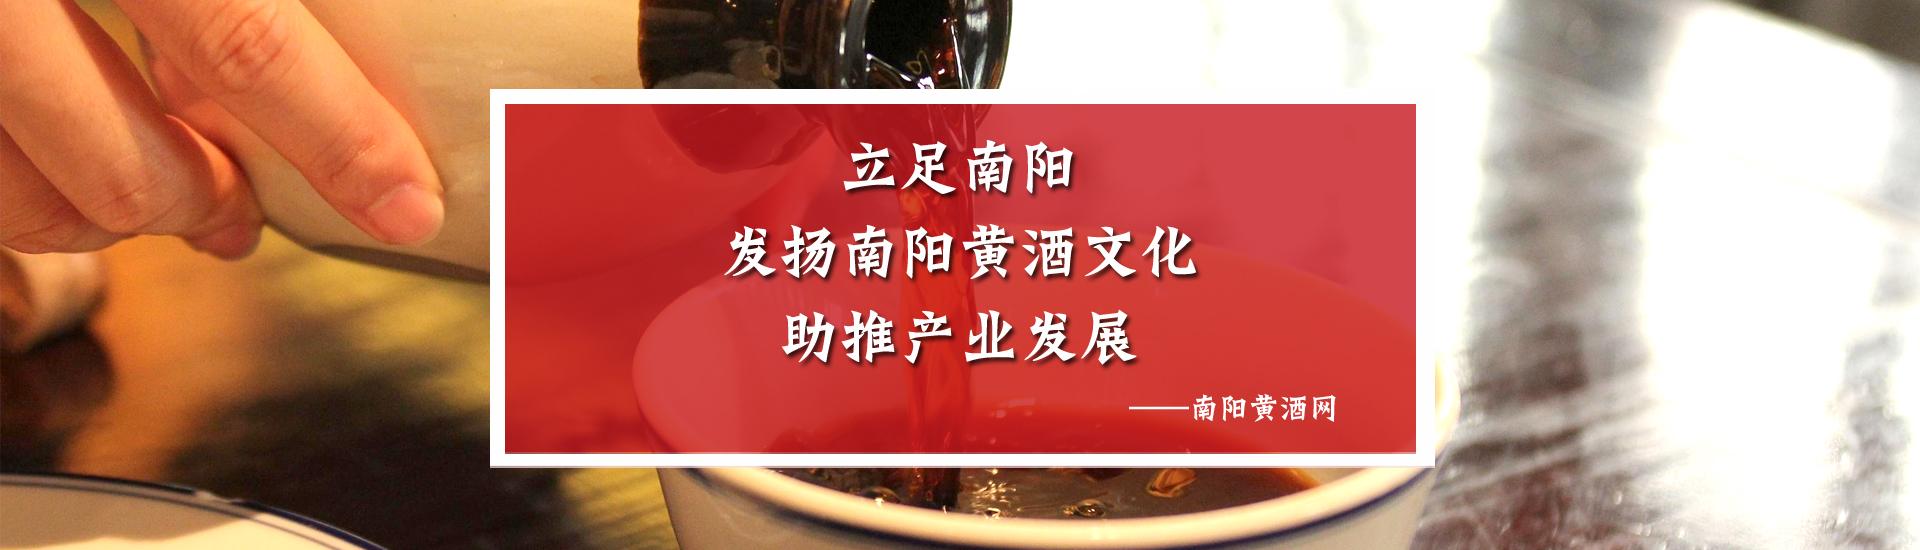 南阳黄酒招商加盟